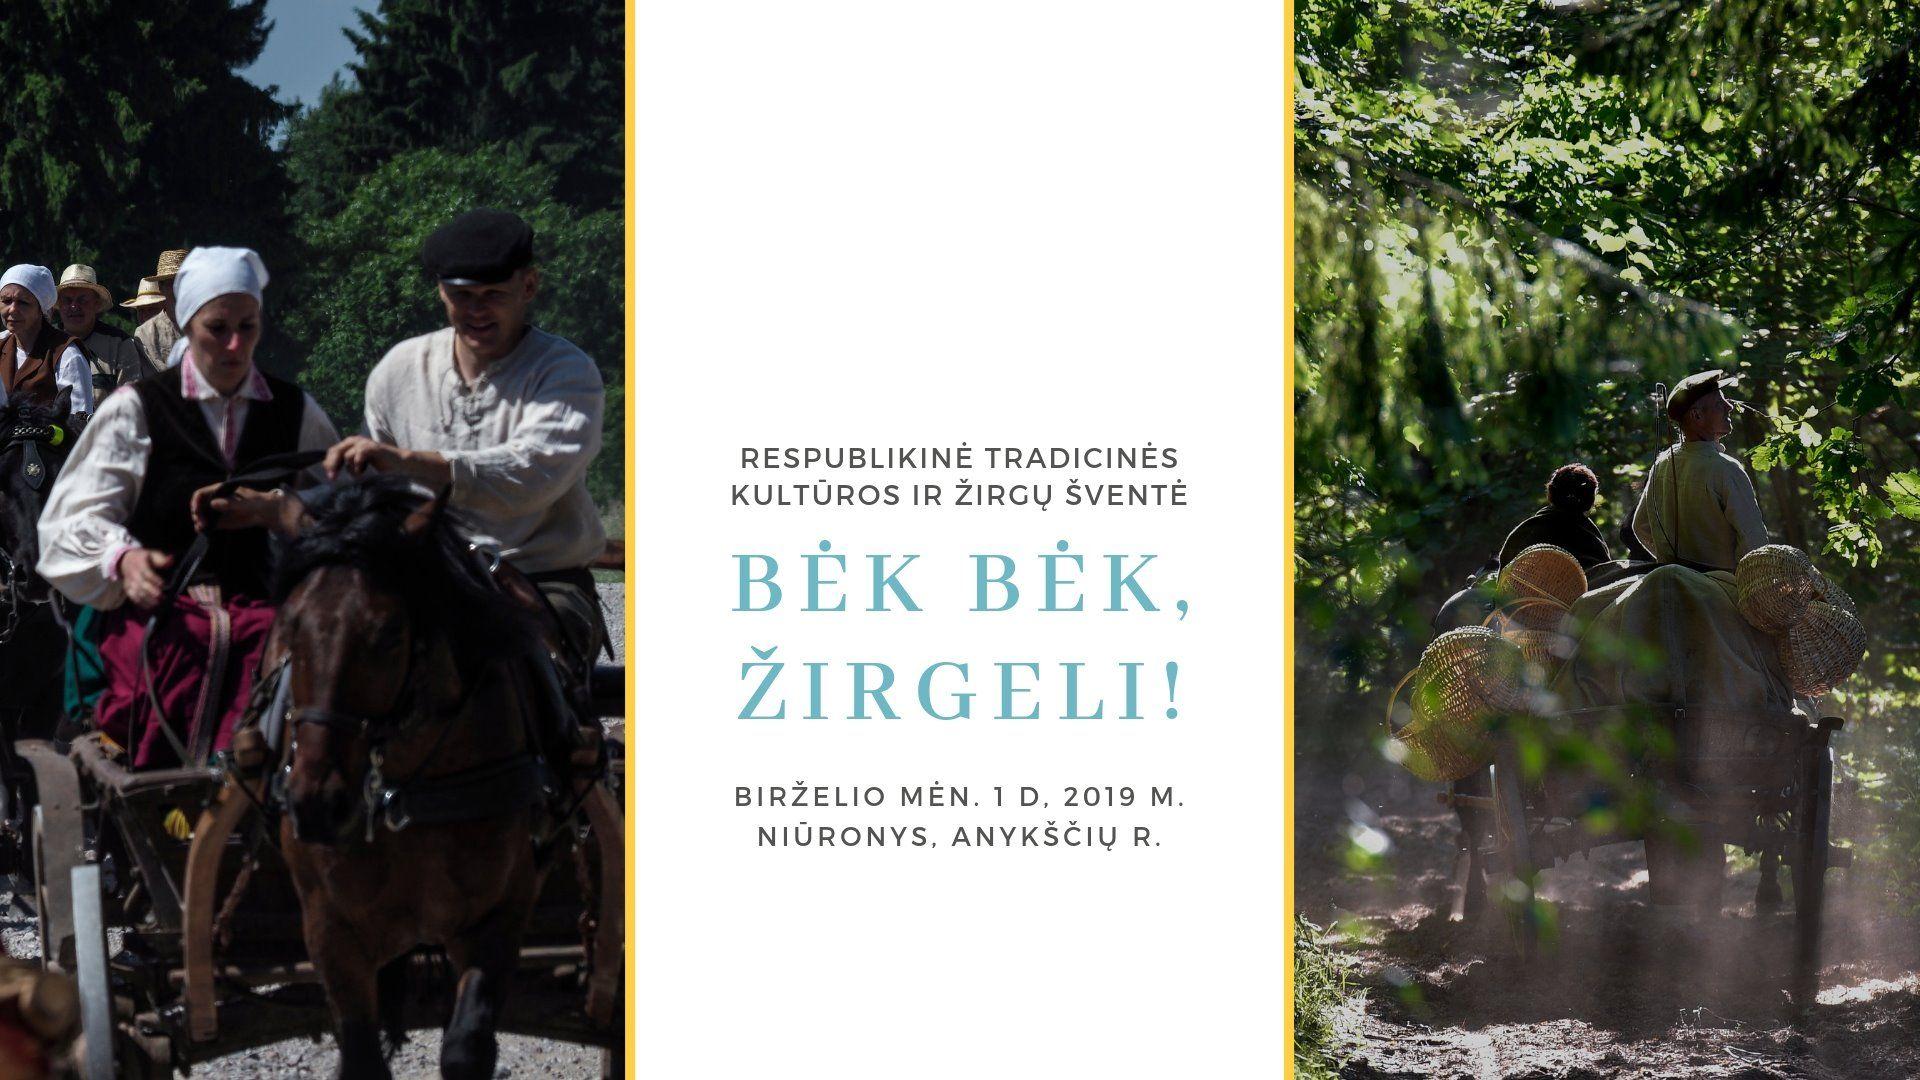 """40-oji Respublikinė tradicinės kultūros ir žirgų sporto šventė """"Bėk bėk, žirgeli!"""" (2019)"""